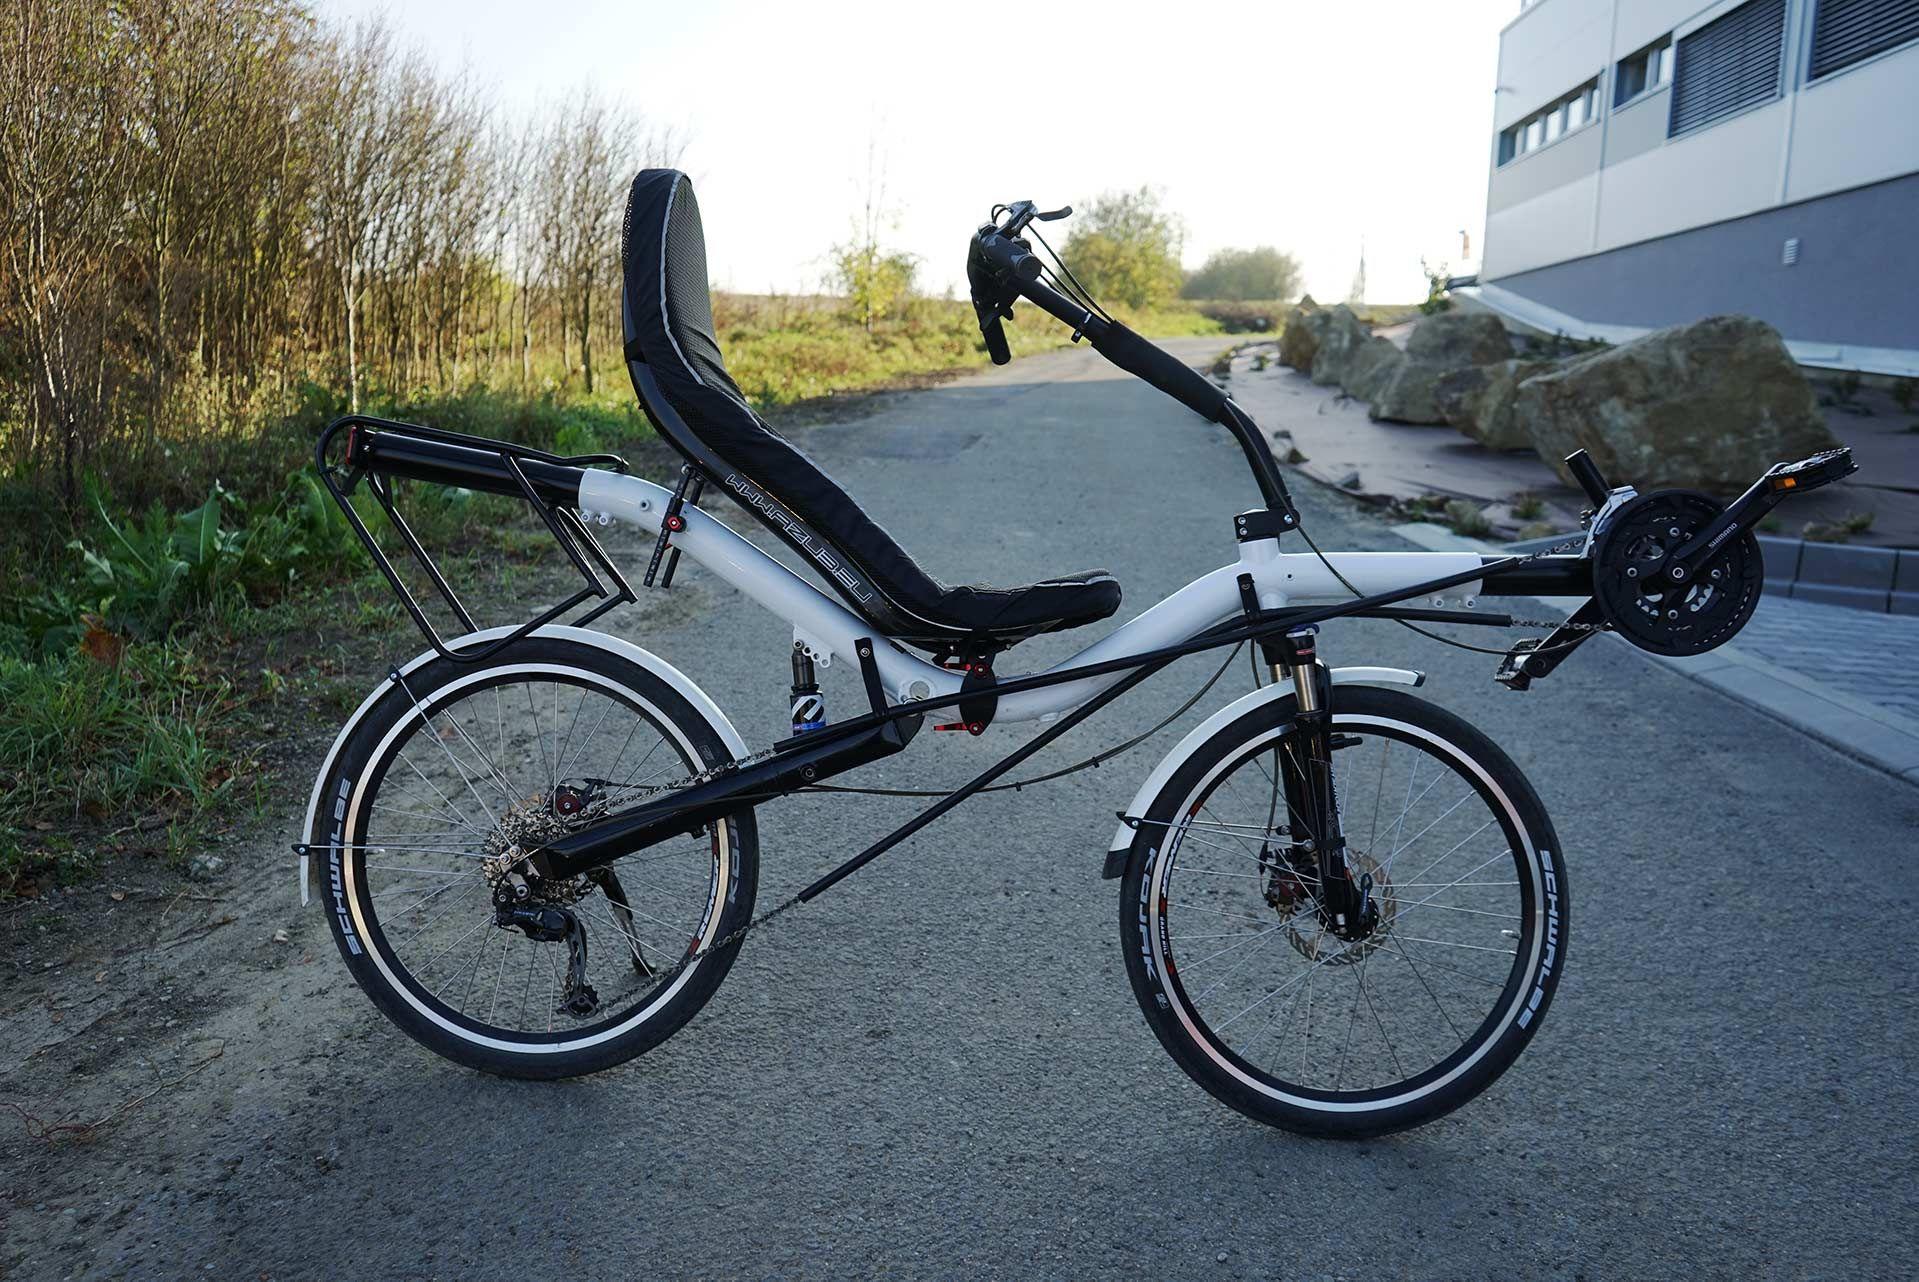 Azub Ibex White 2016 Bike Sale Azub Recumbents Bikes For Sale Recumbent Bicycle Bike